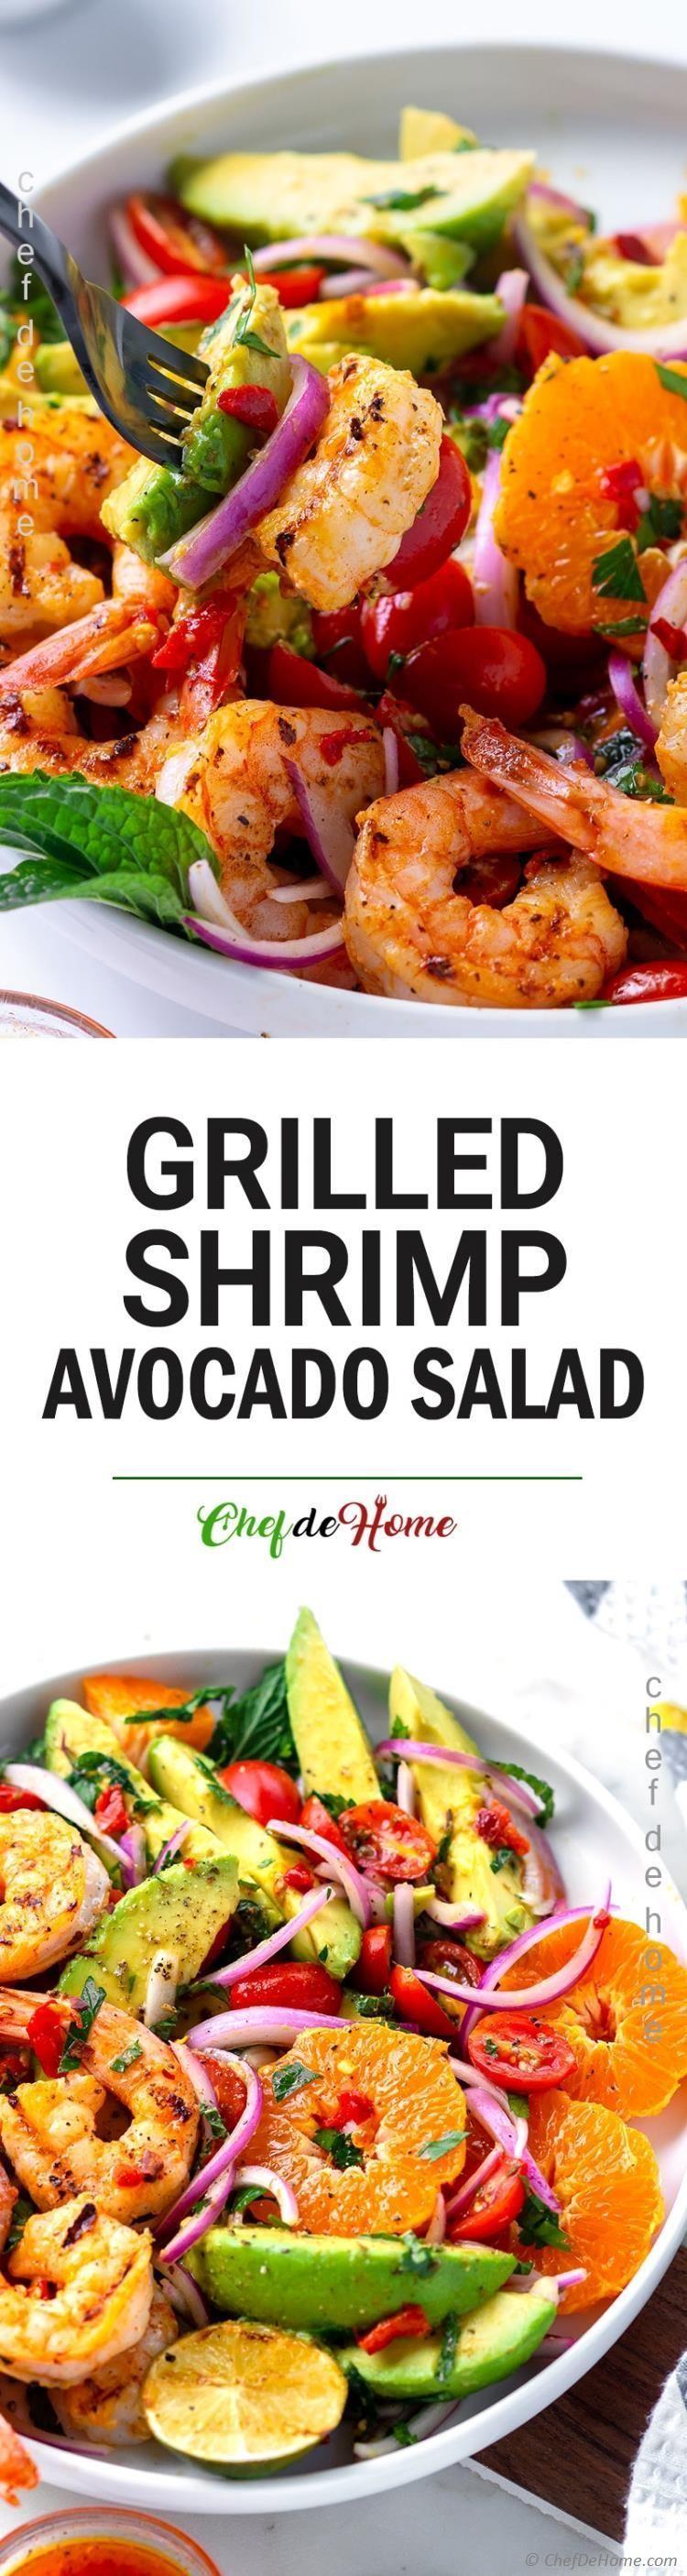 Grilled Shrimp Avocado Salad Recipe | ChefDeHome.com #grilledshrimp